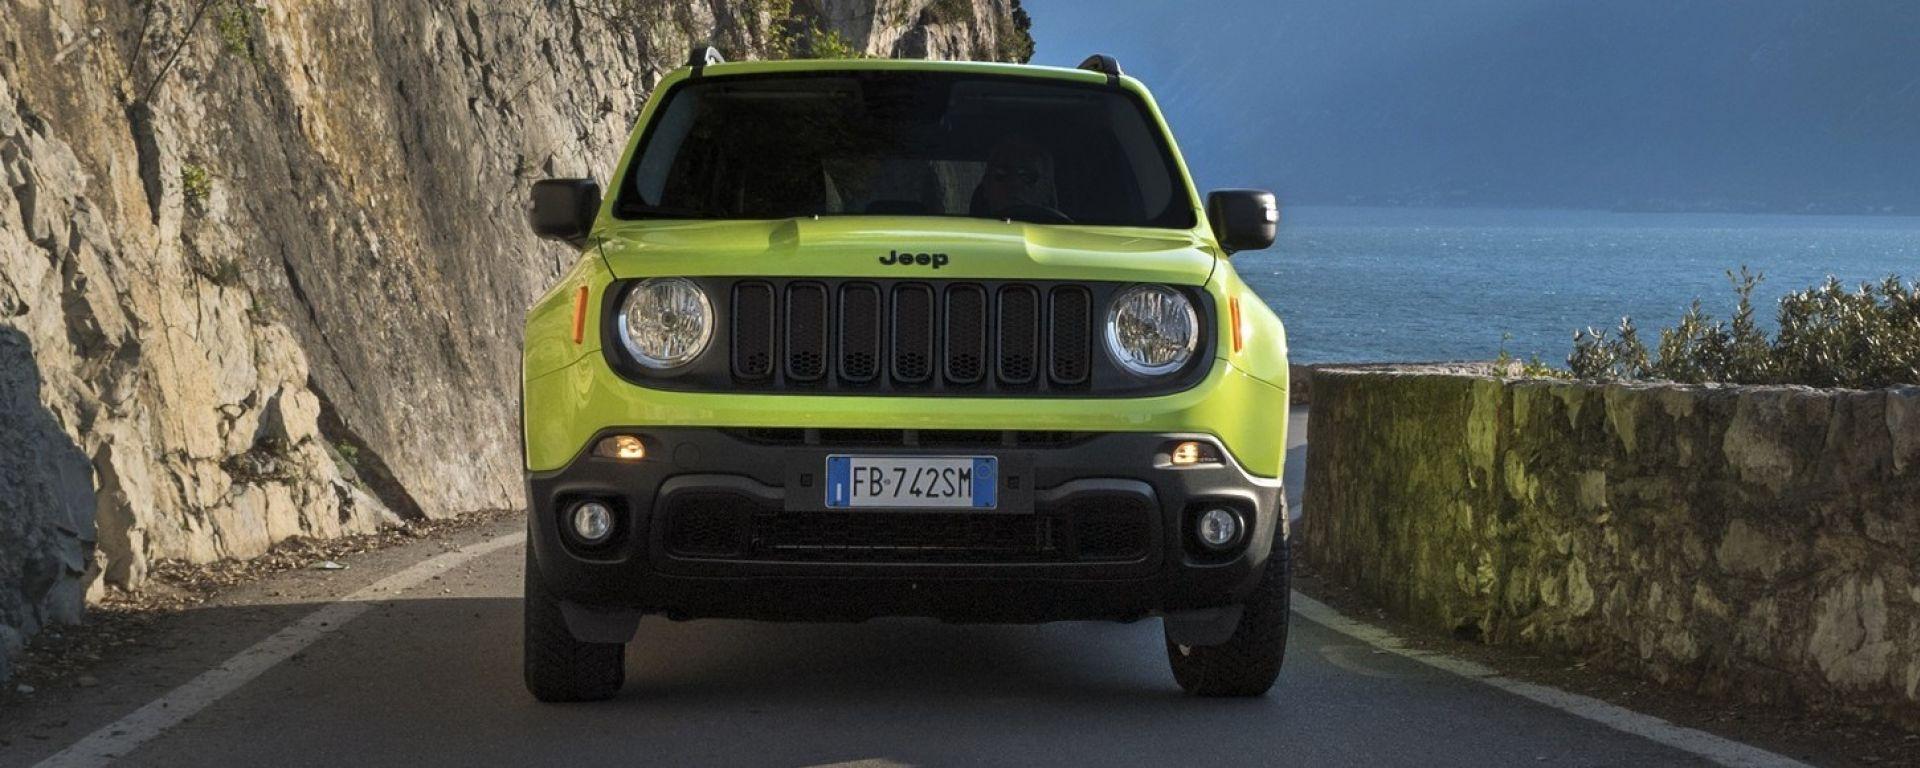 Jeep Renegade Upland, via agli ordini: ecco quanto costa